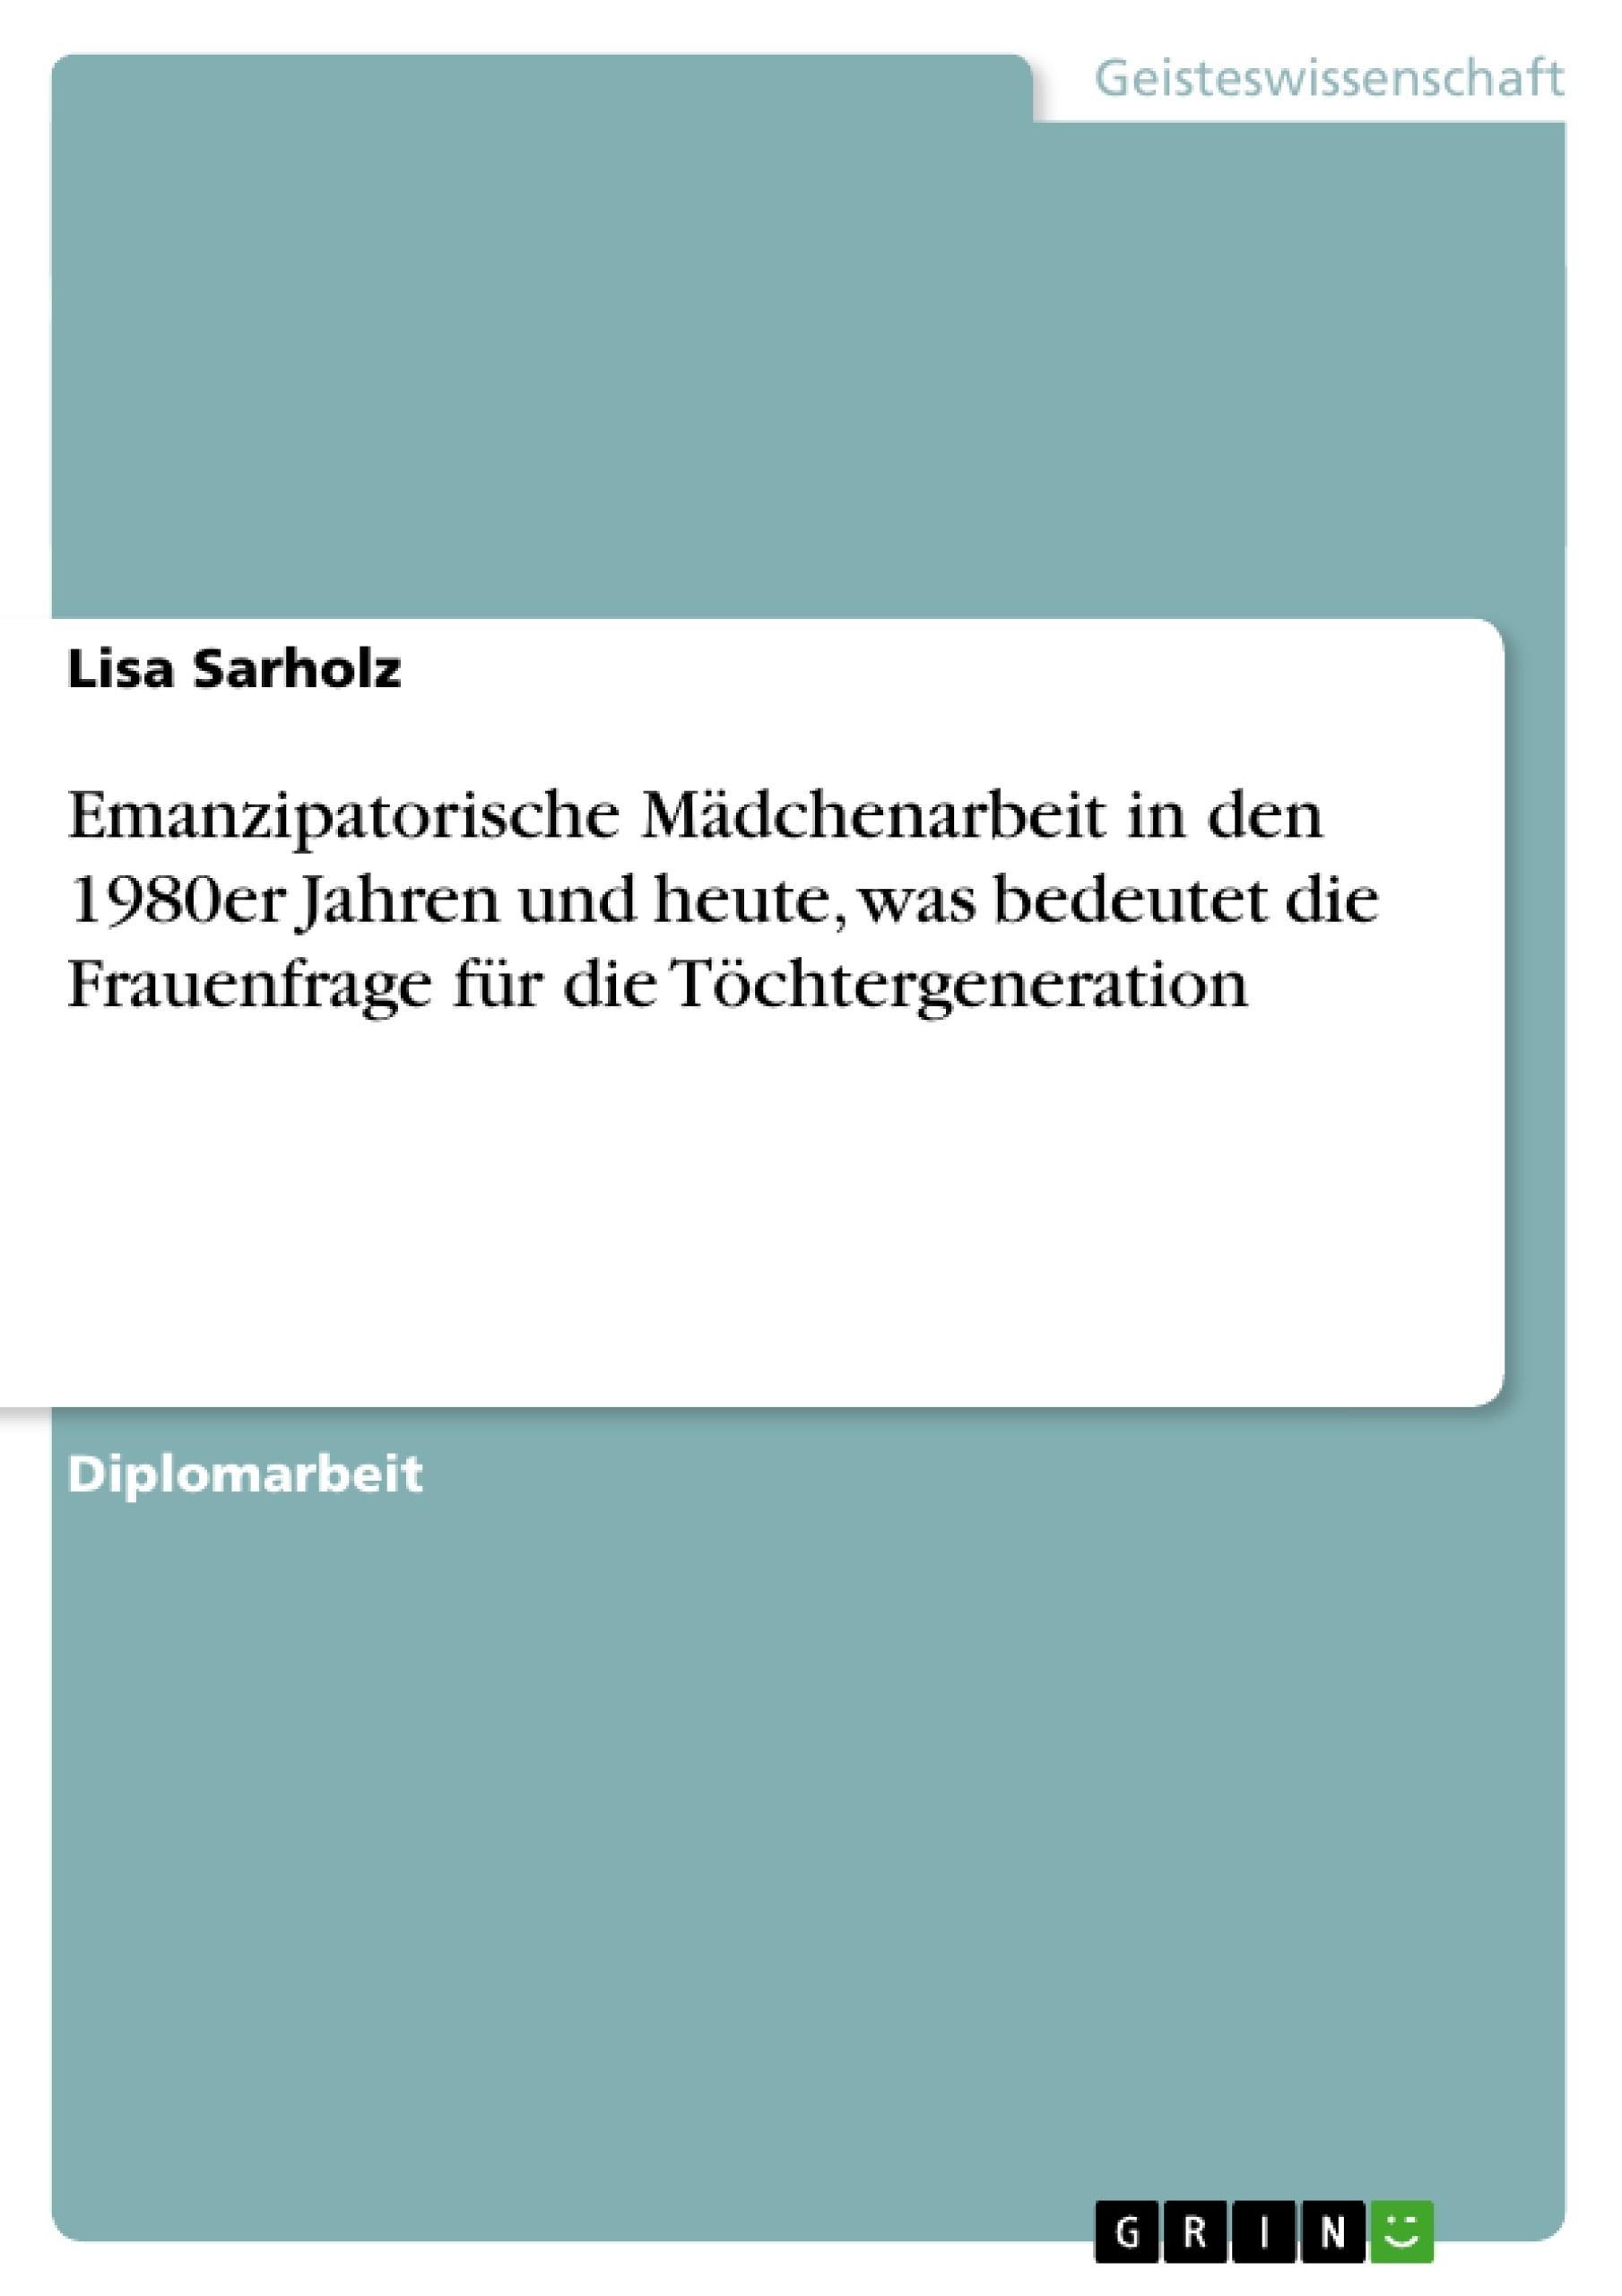 Titel: Emanzipatorische Mädchenarbeit in den 1980er Jahren und heute, was bedeutet die Frauenfrage für die Töchtergeneration